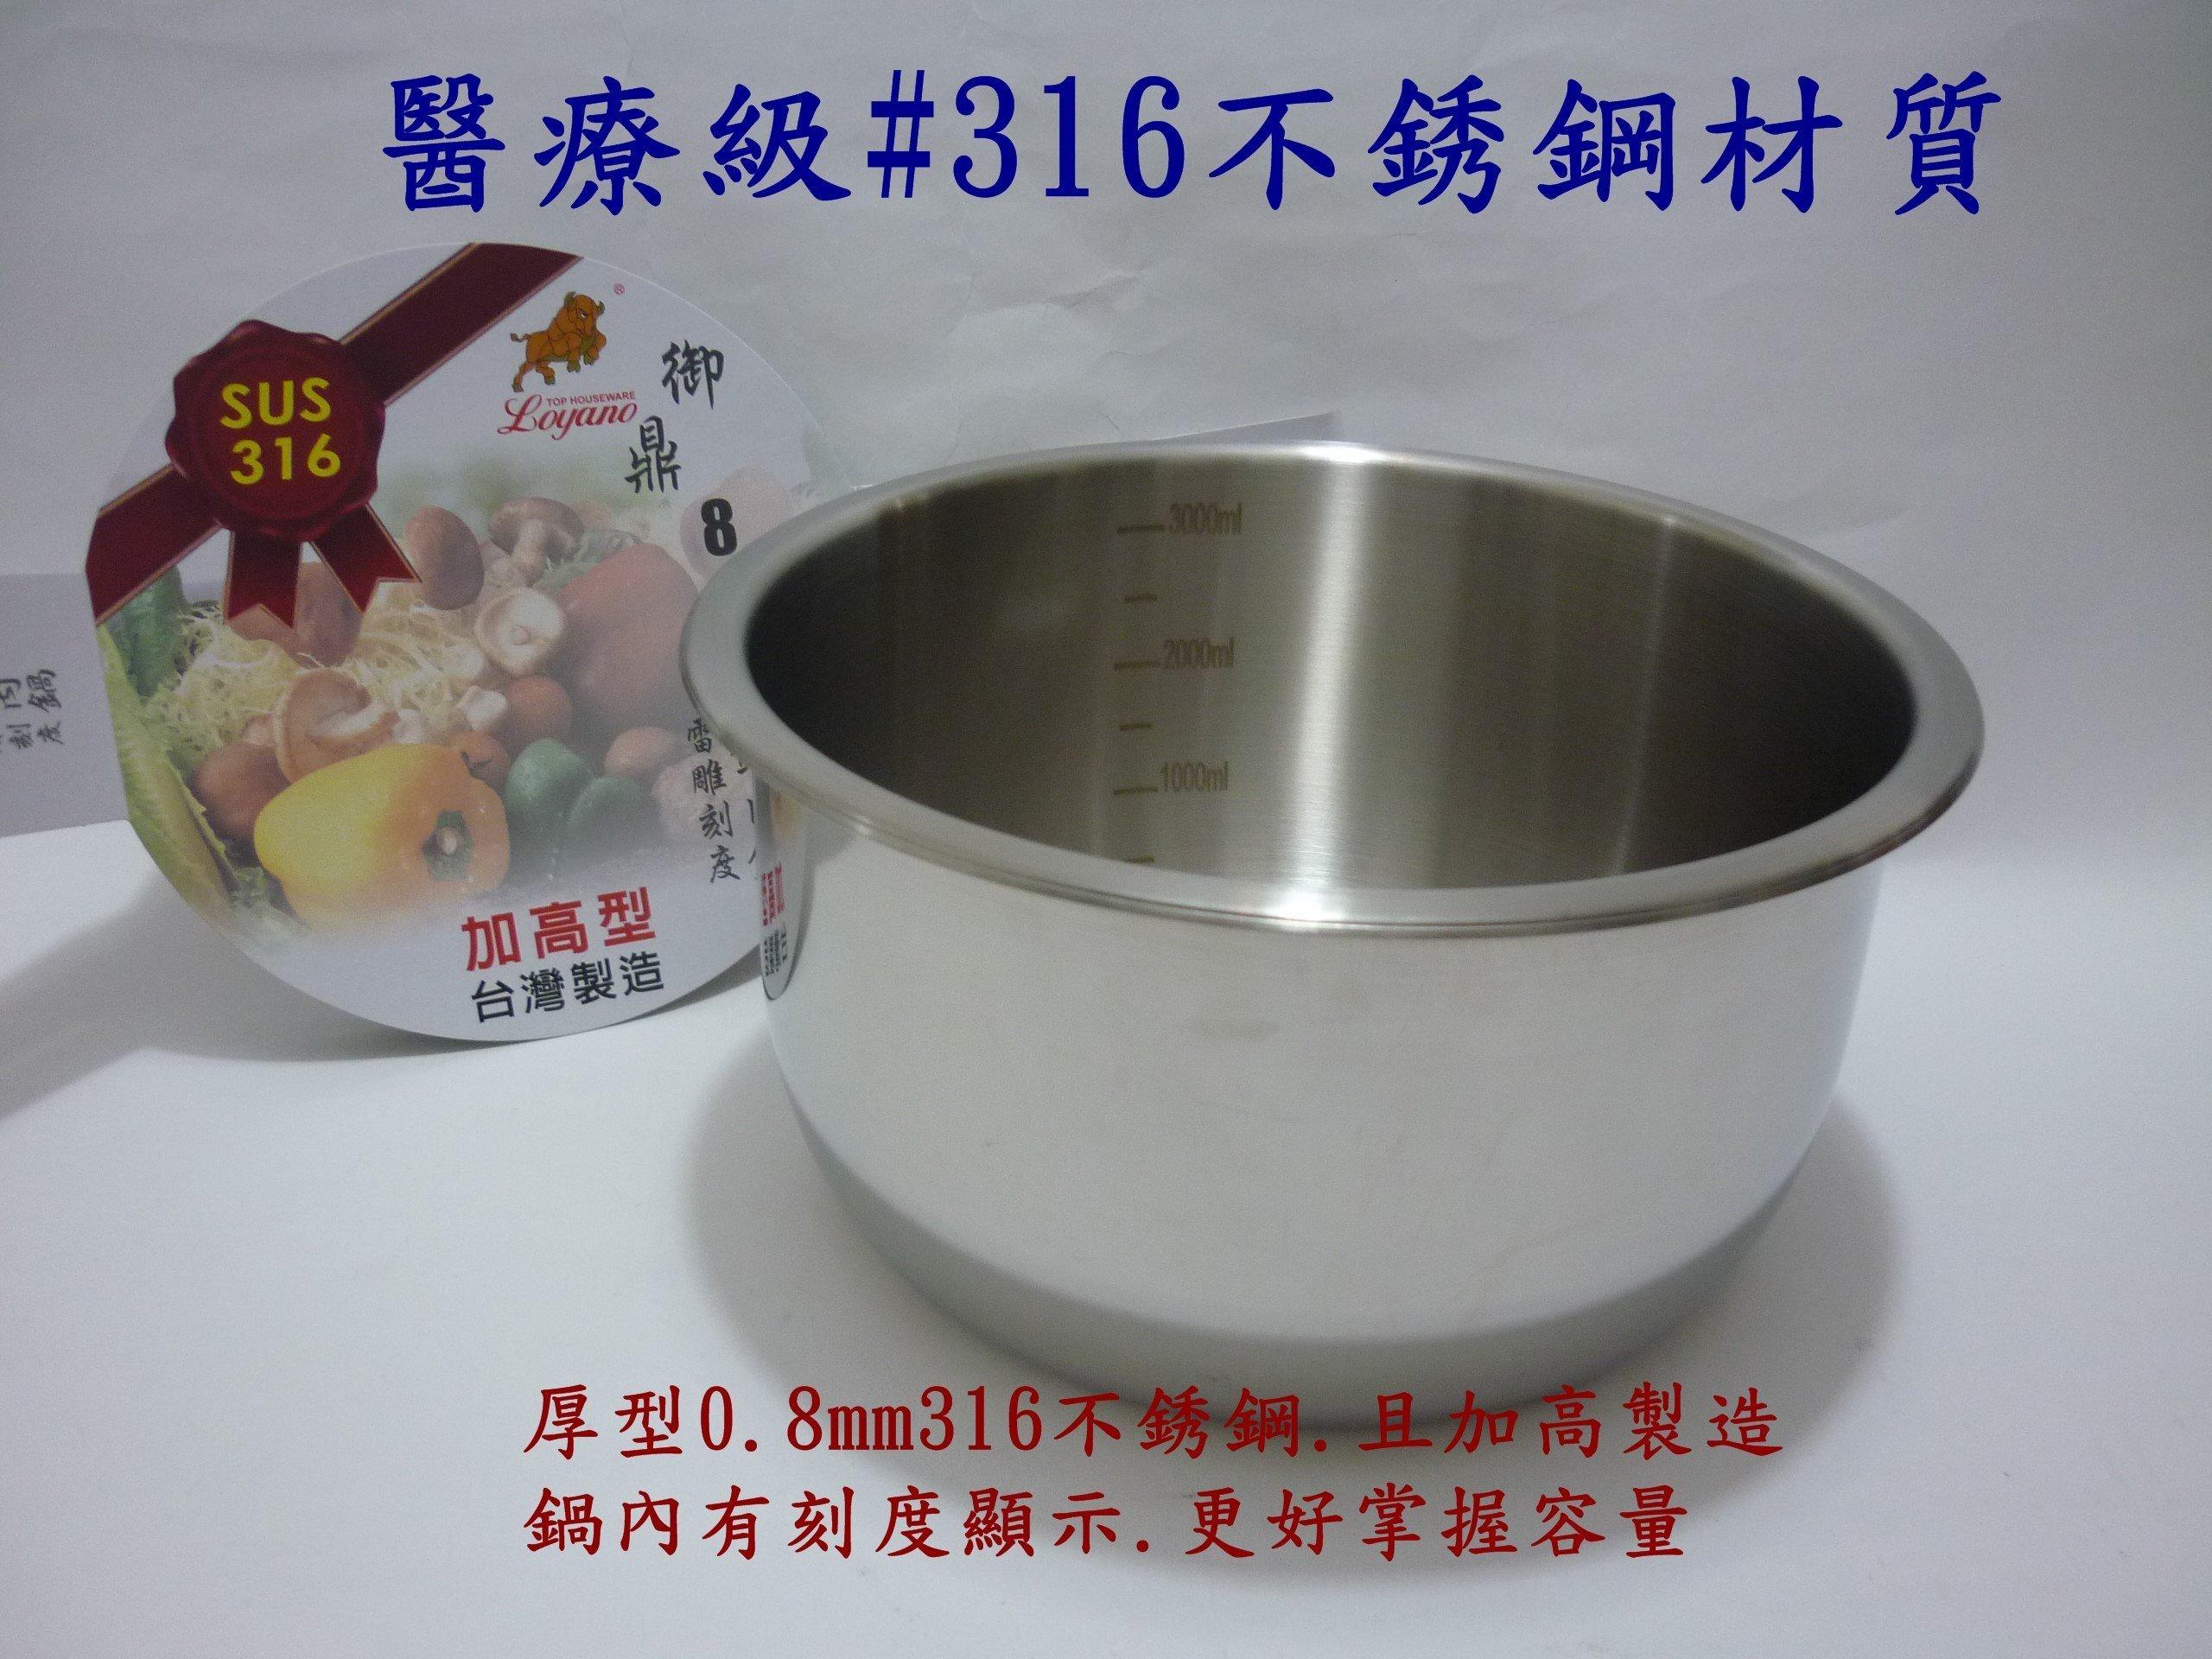 (玫瑰Rose984019賣場~2) 製~御鼎#316不銹鋼厚款 8人內鍋(湯鍋)~電鍋.瓦斯爐.電爐(金牛牌)